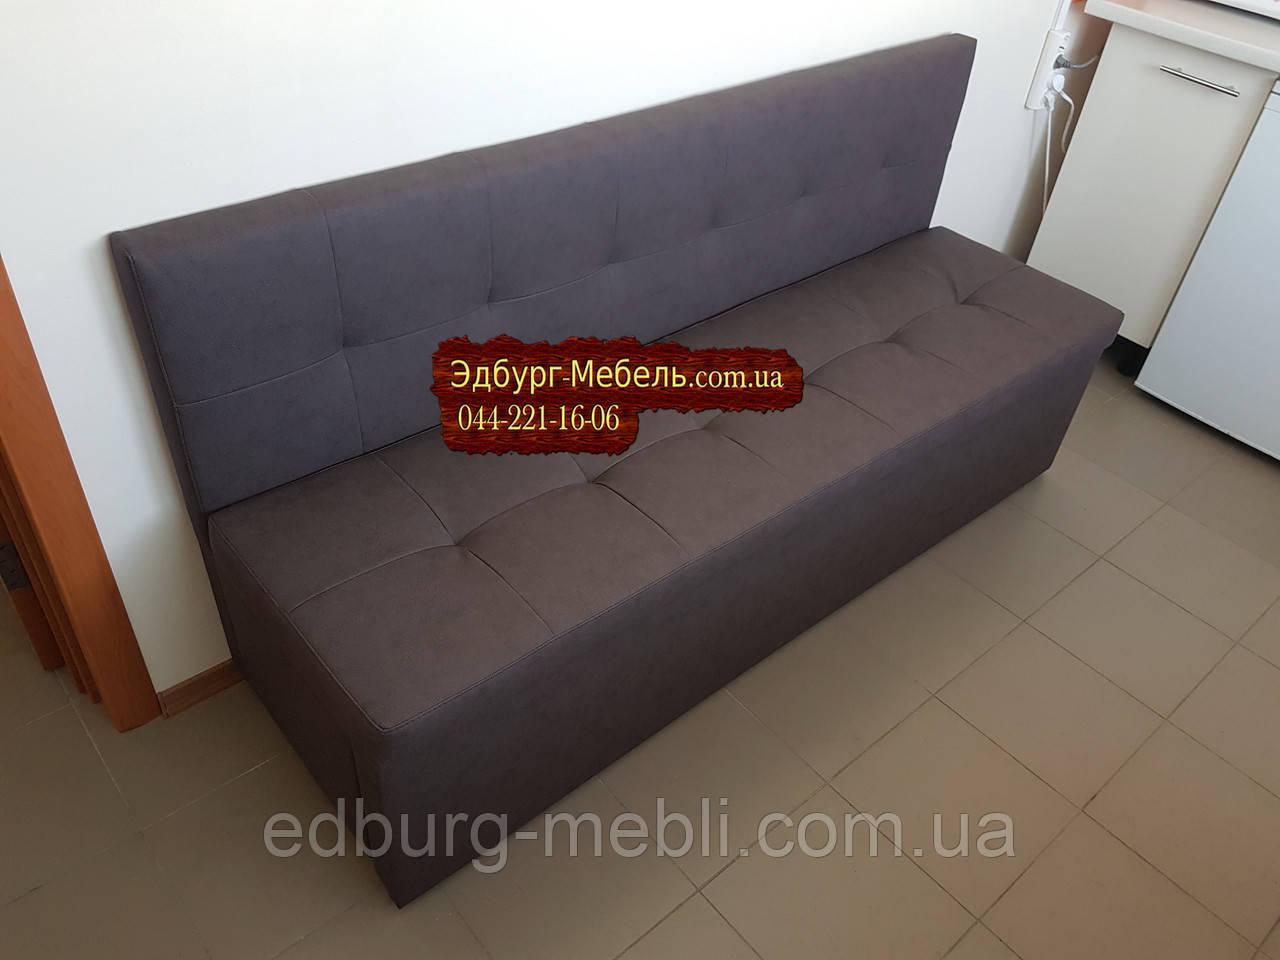 Диван для узкой и длинной комнаты с ящиком + спальным местом 1800х550х850мм